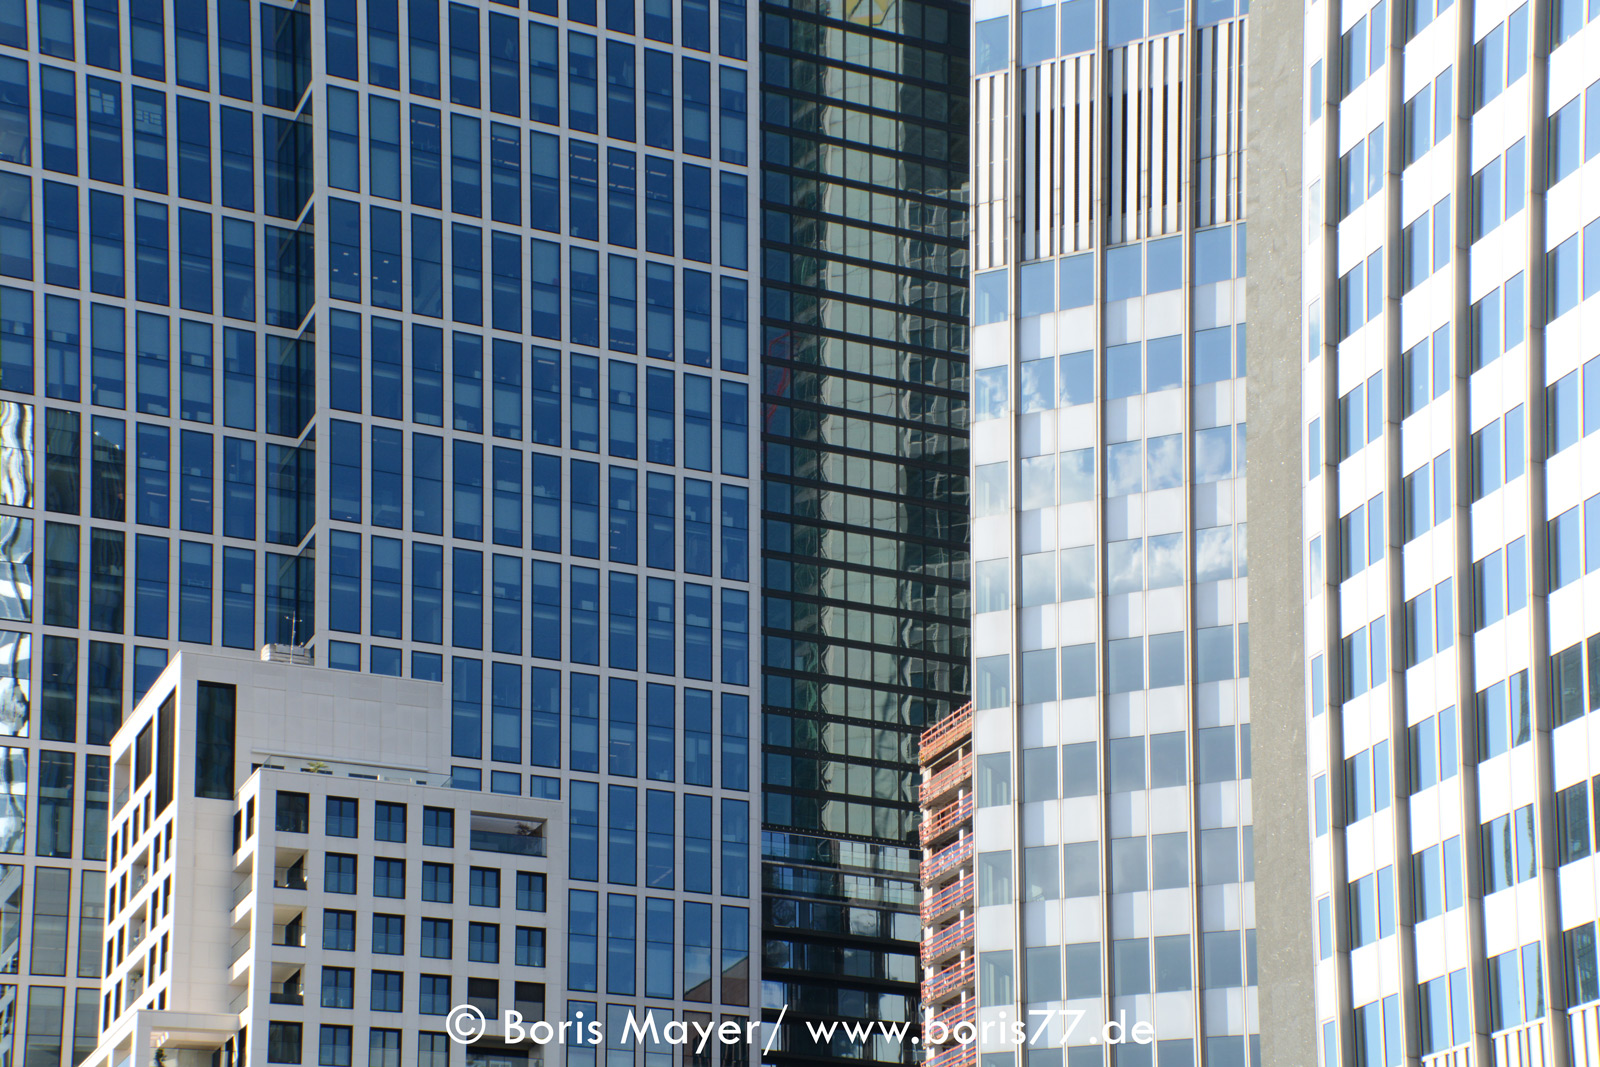 Hochhausfassaden in der Innenstadt von Frankfurt am Main